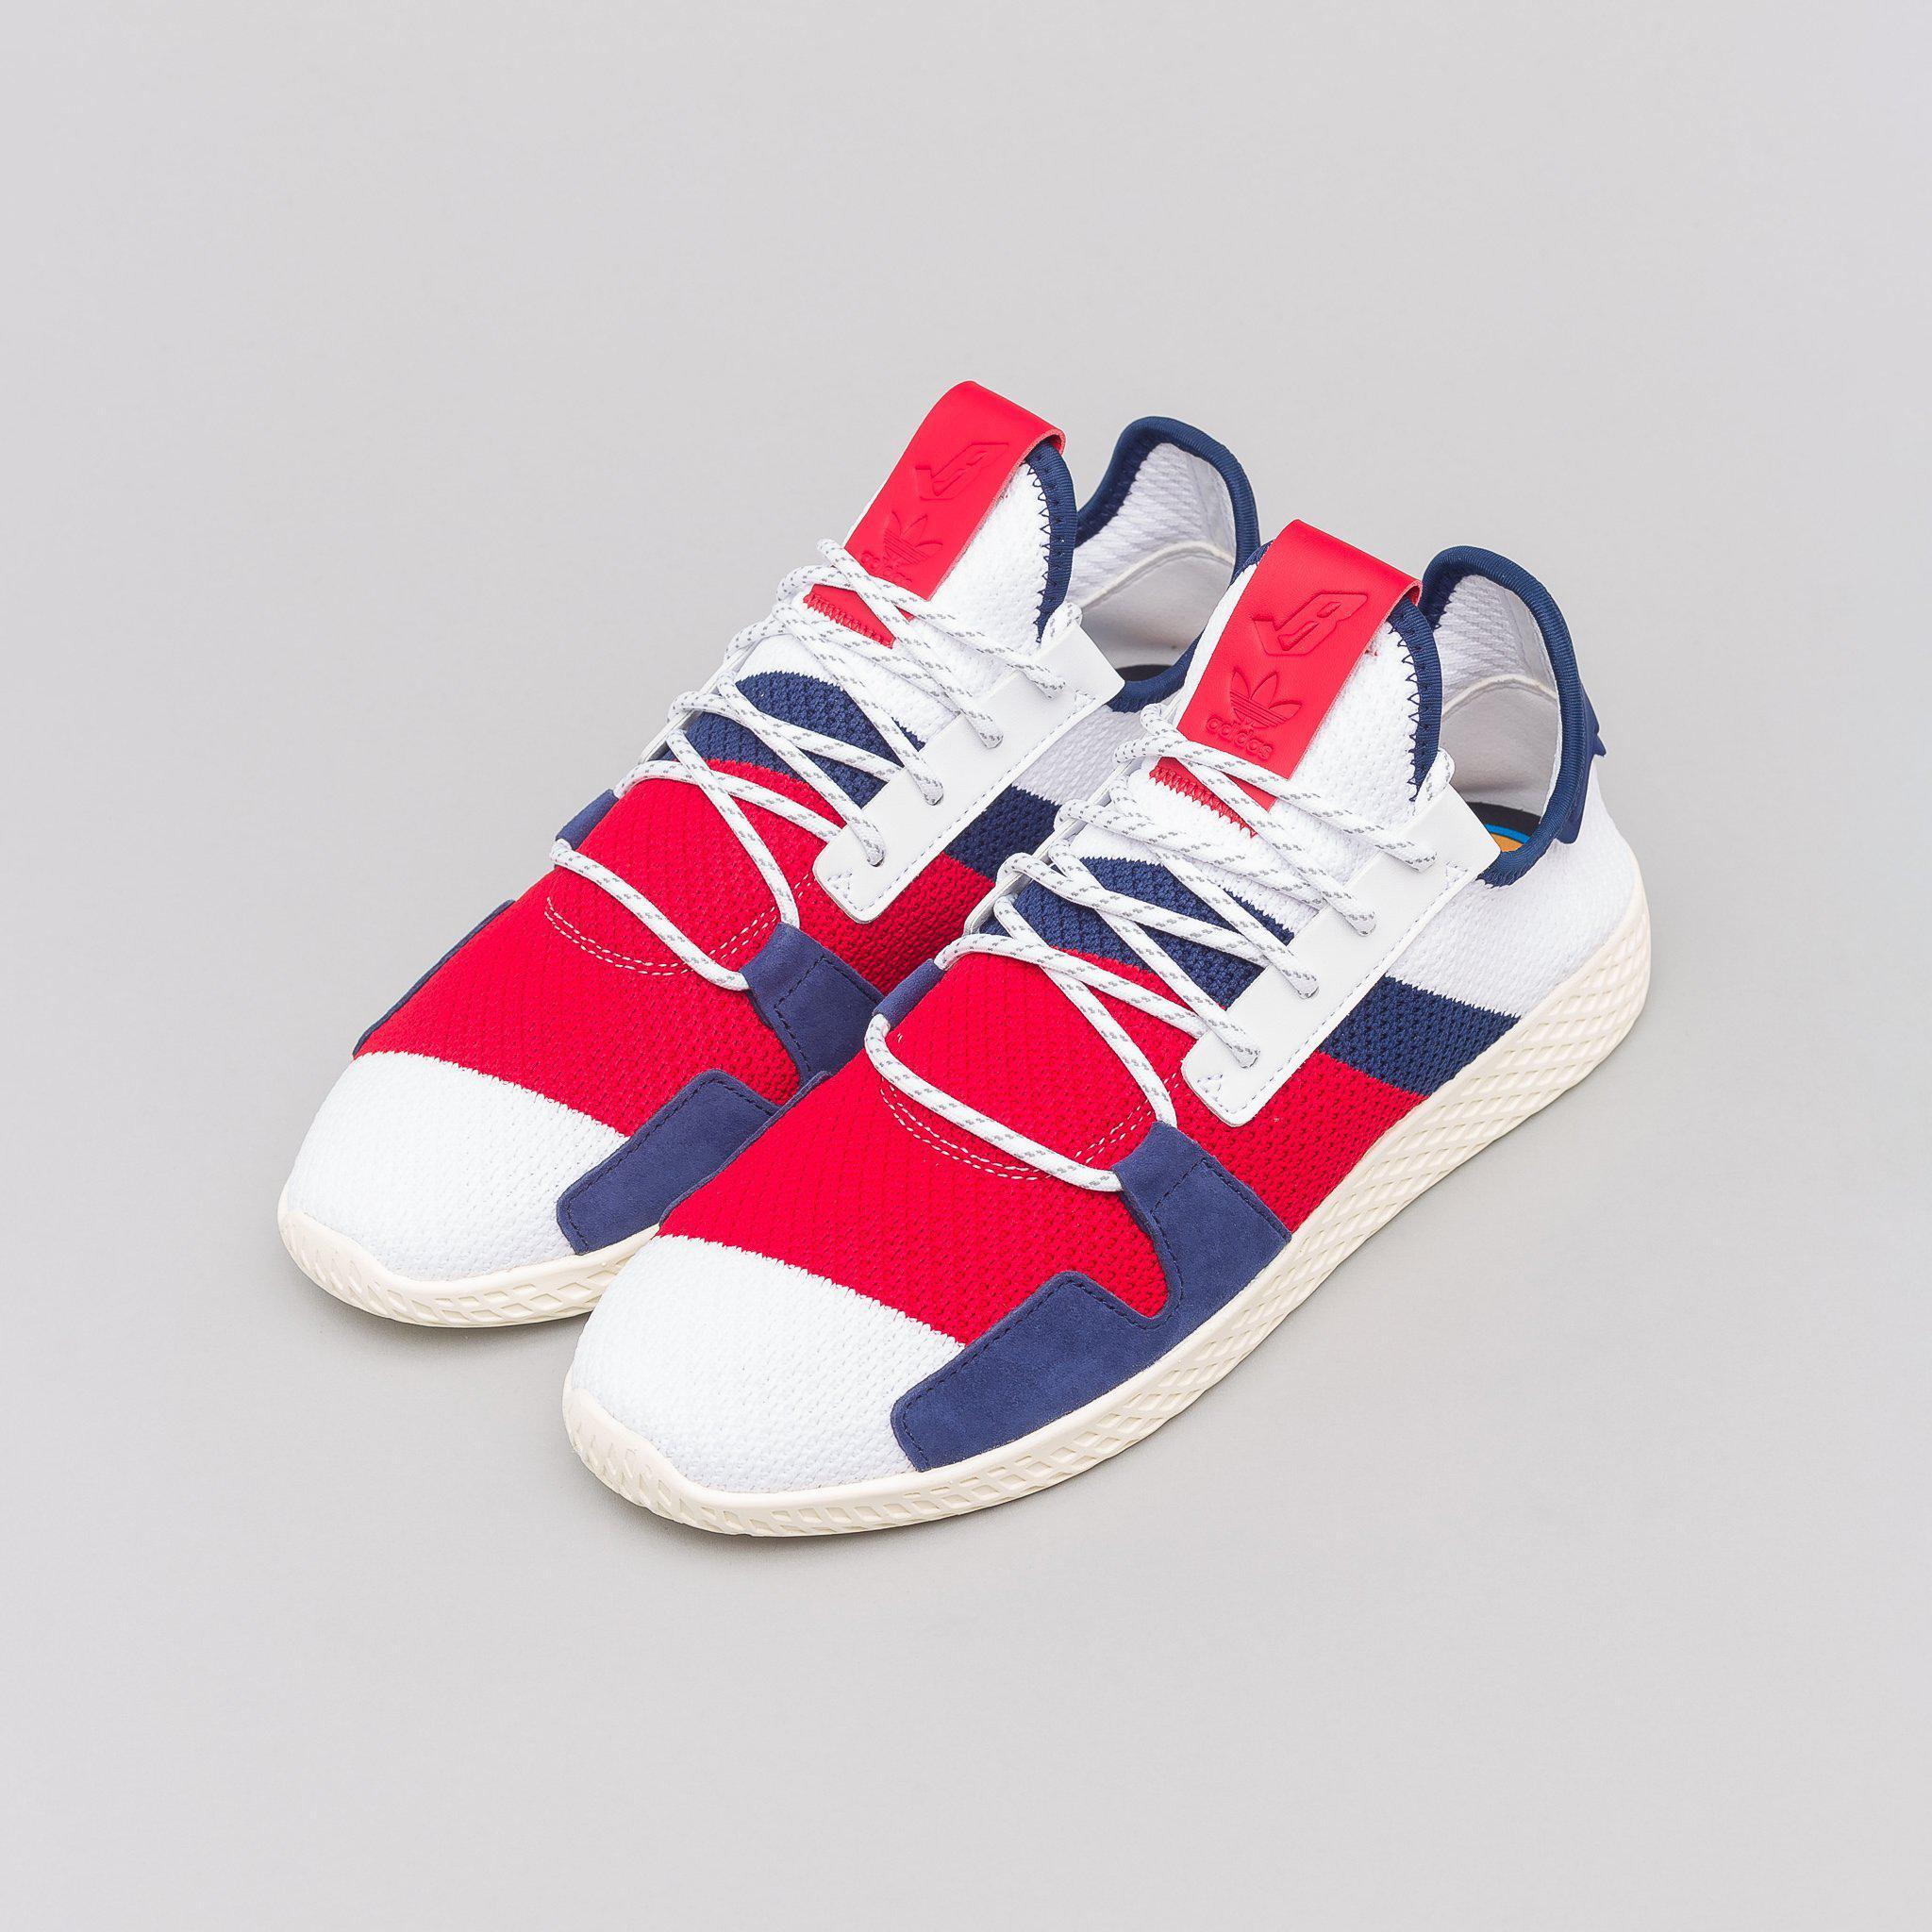 ea9bcaacf04bd Lyst - adidas X Pharrell Williams Bbc Hu V2 In White scarlet blue in ...